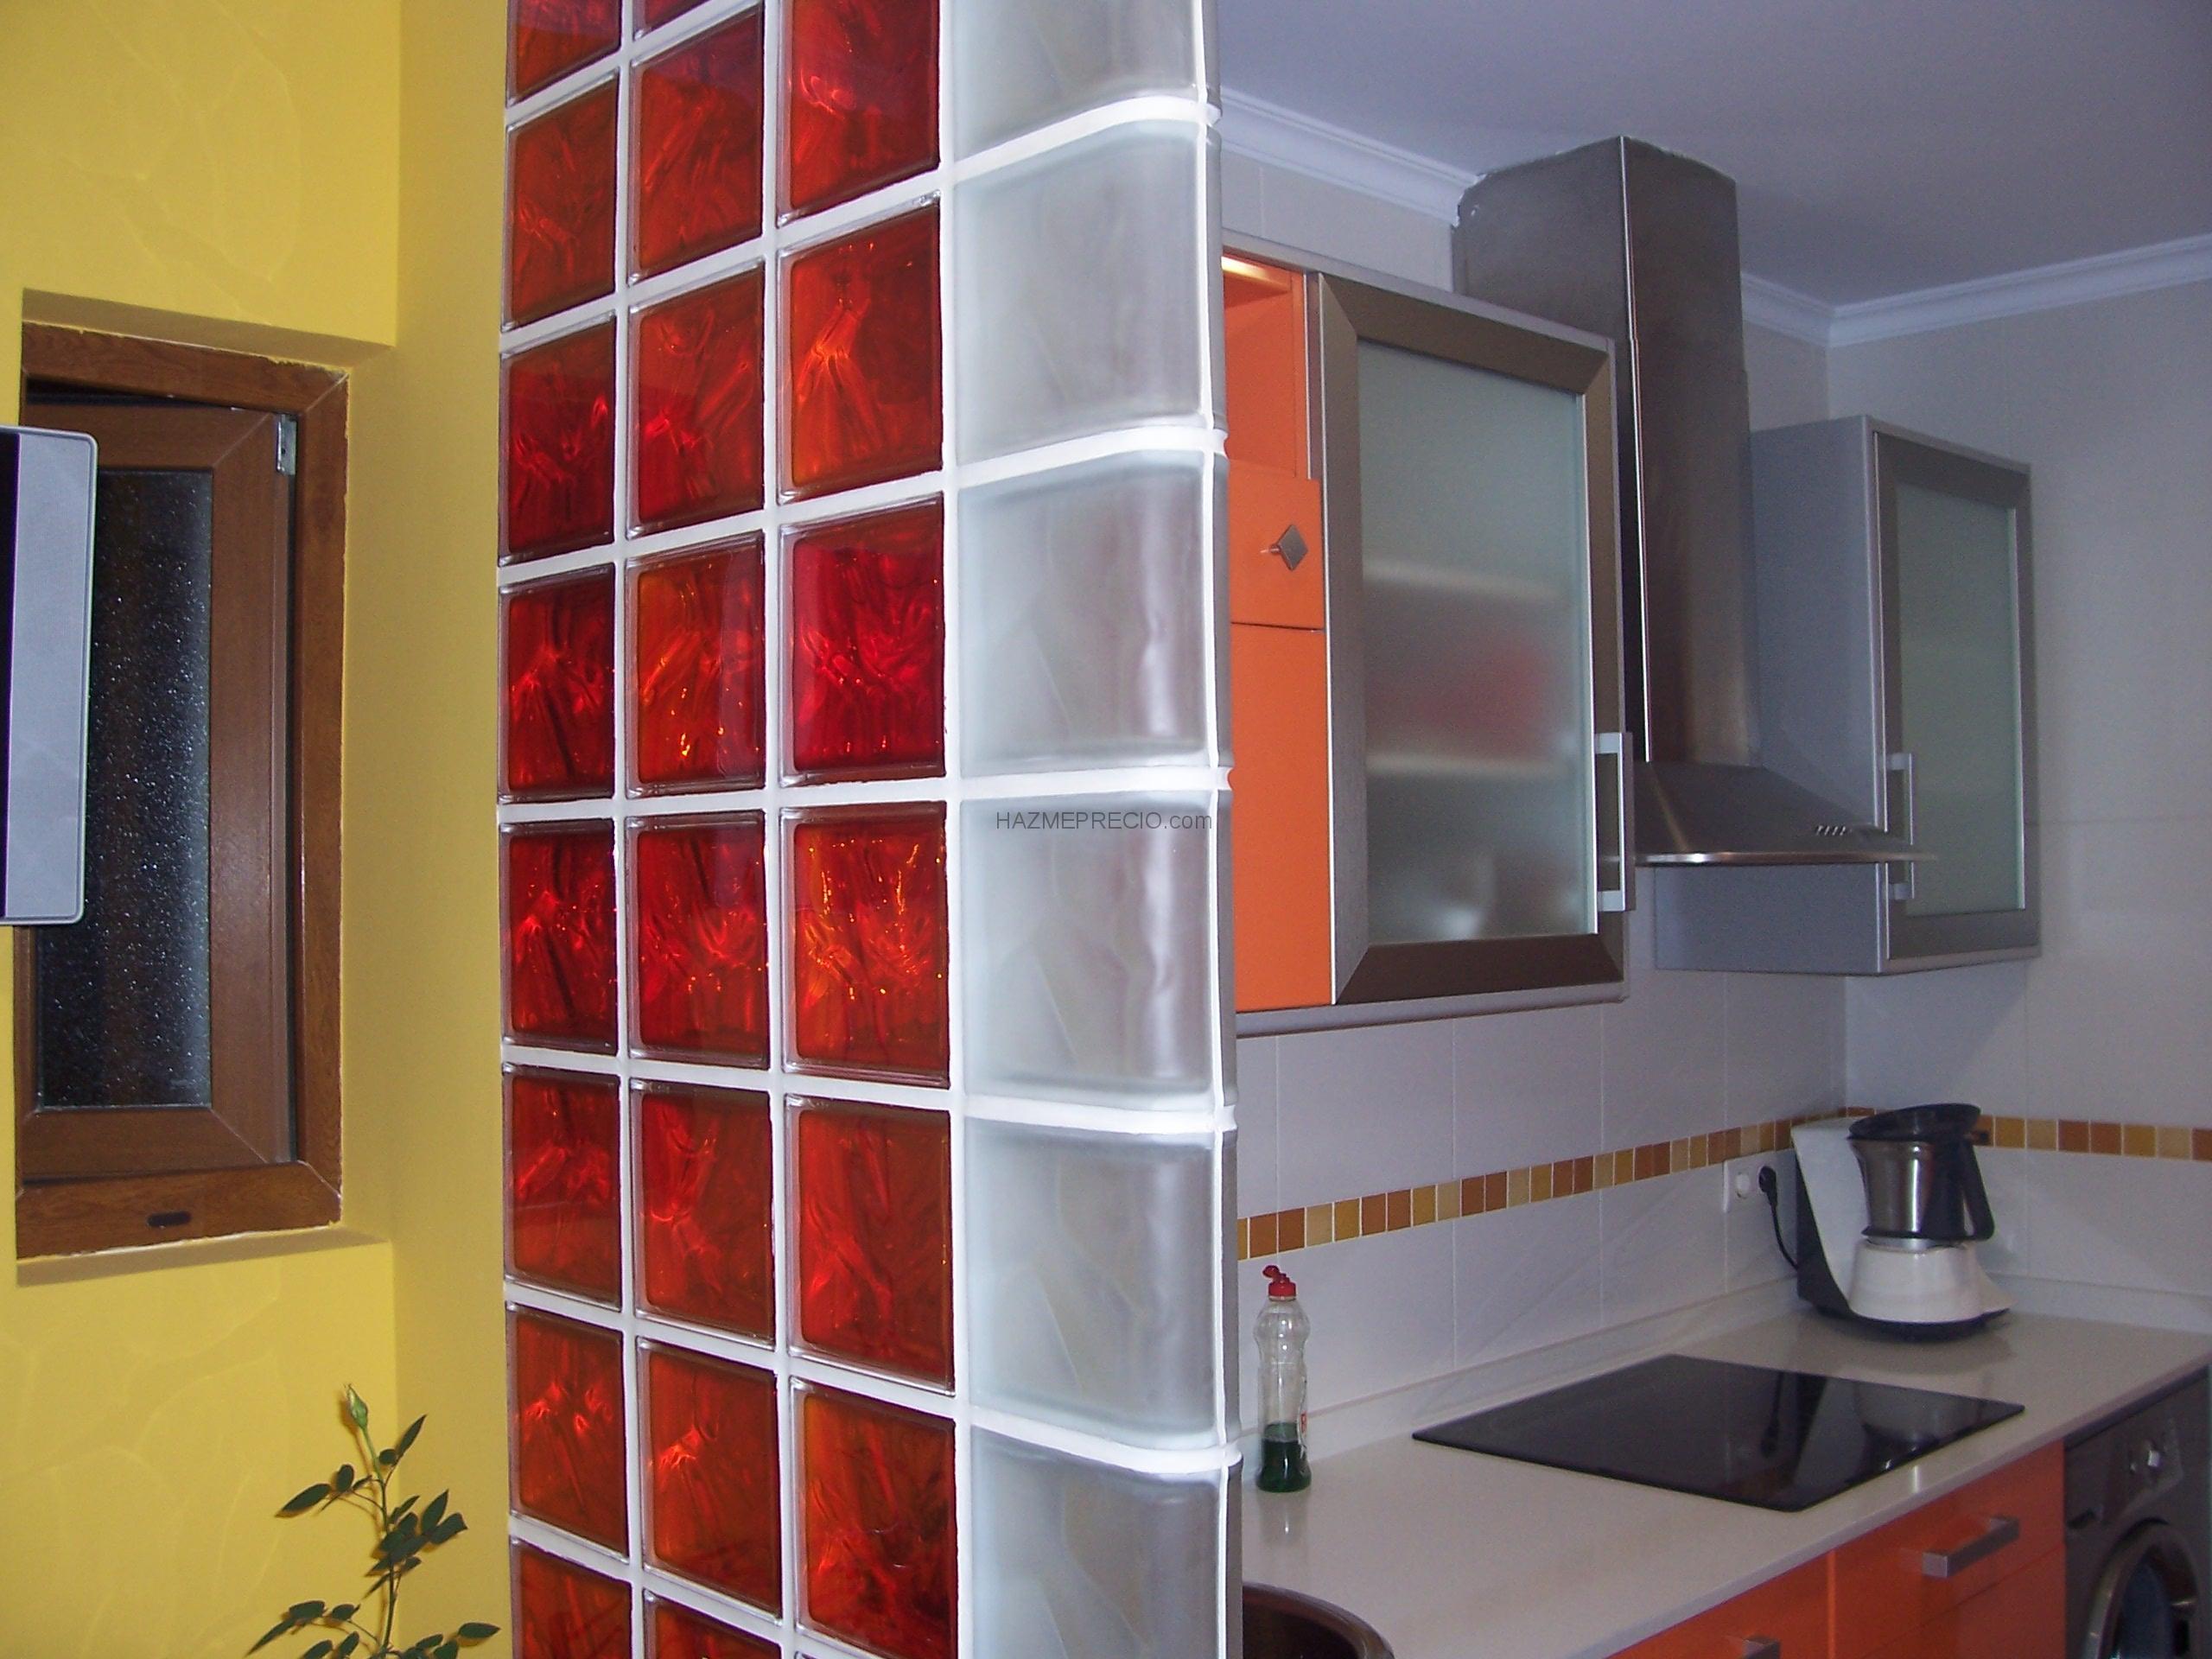 Empresas de reformas de cocinas en Guipuzcoa : HAZMEPRECIO.com